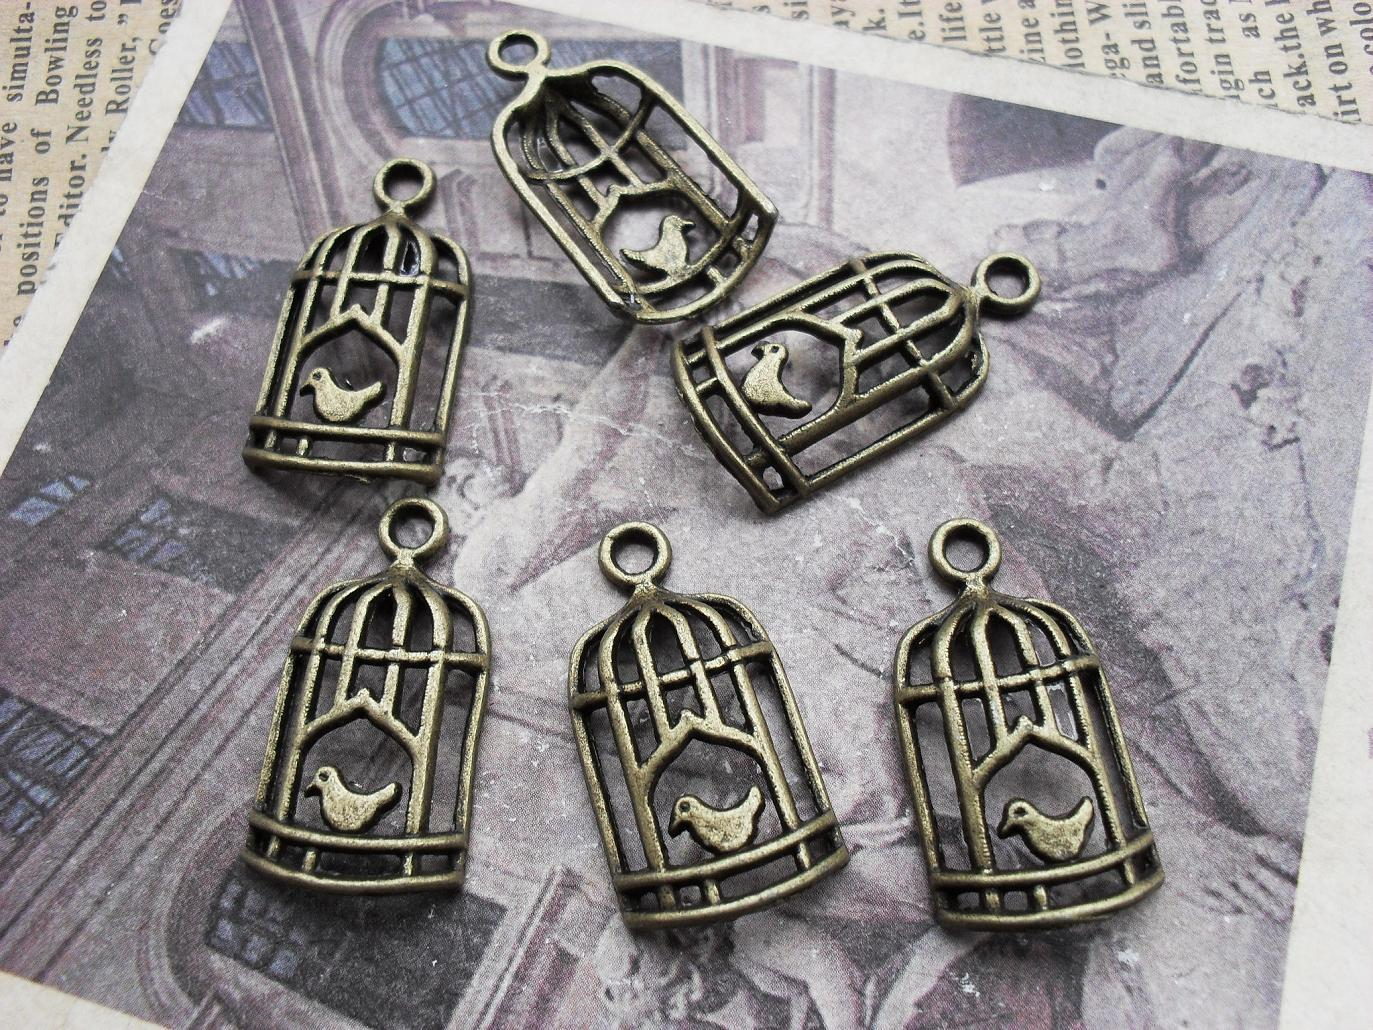 Venta al por mayor accesorio diy accesorios vintage antiguo bronce pájaro jaula c961 14*26mm envío gratis